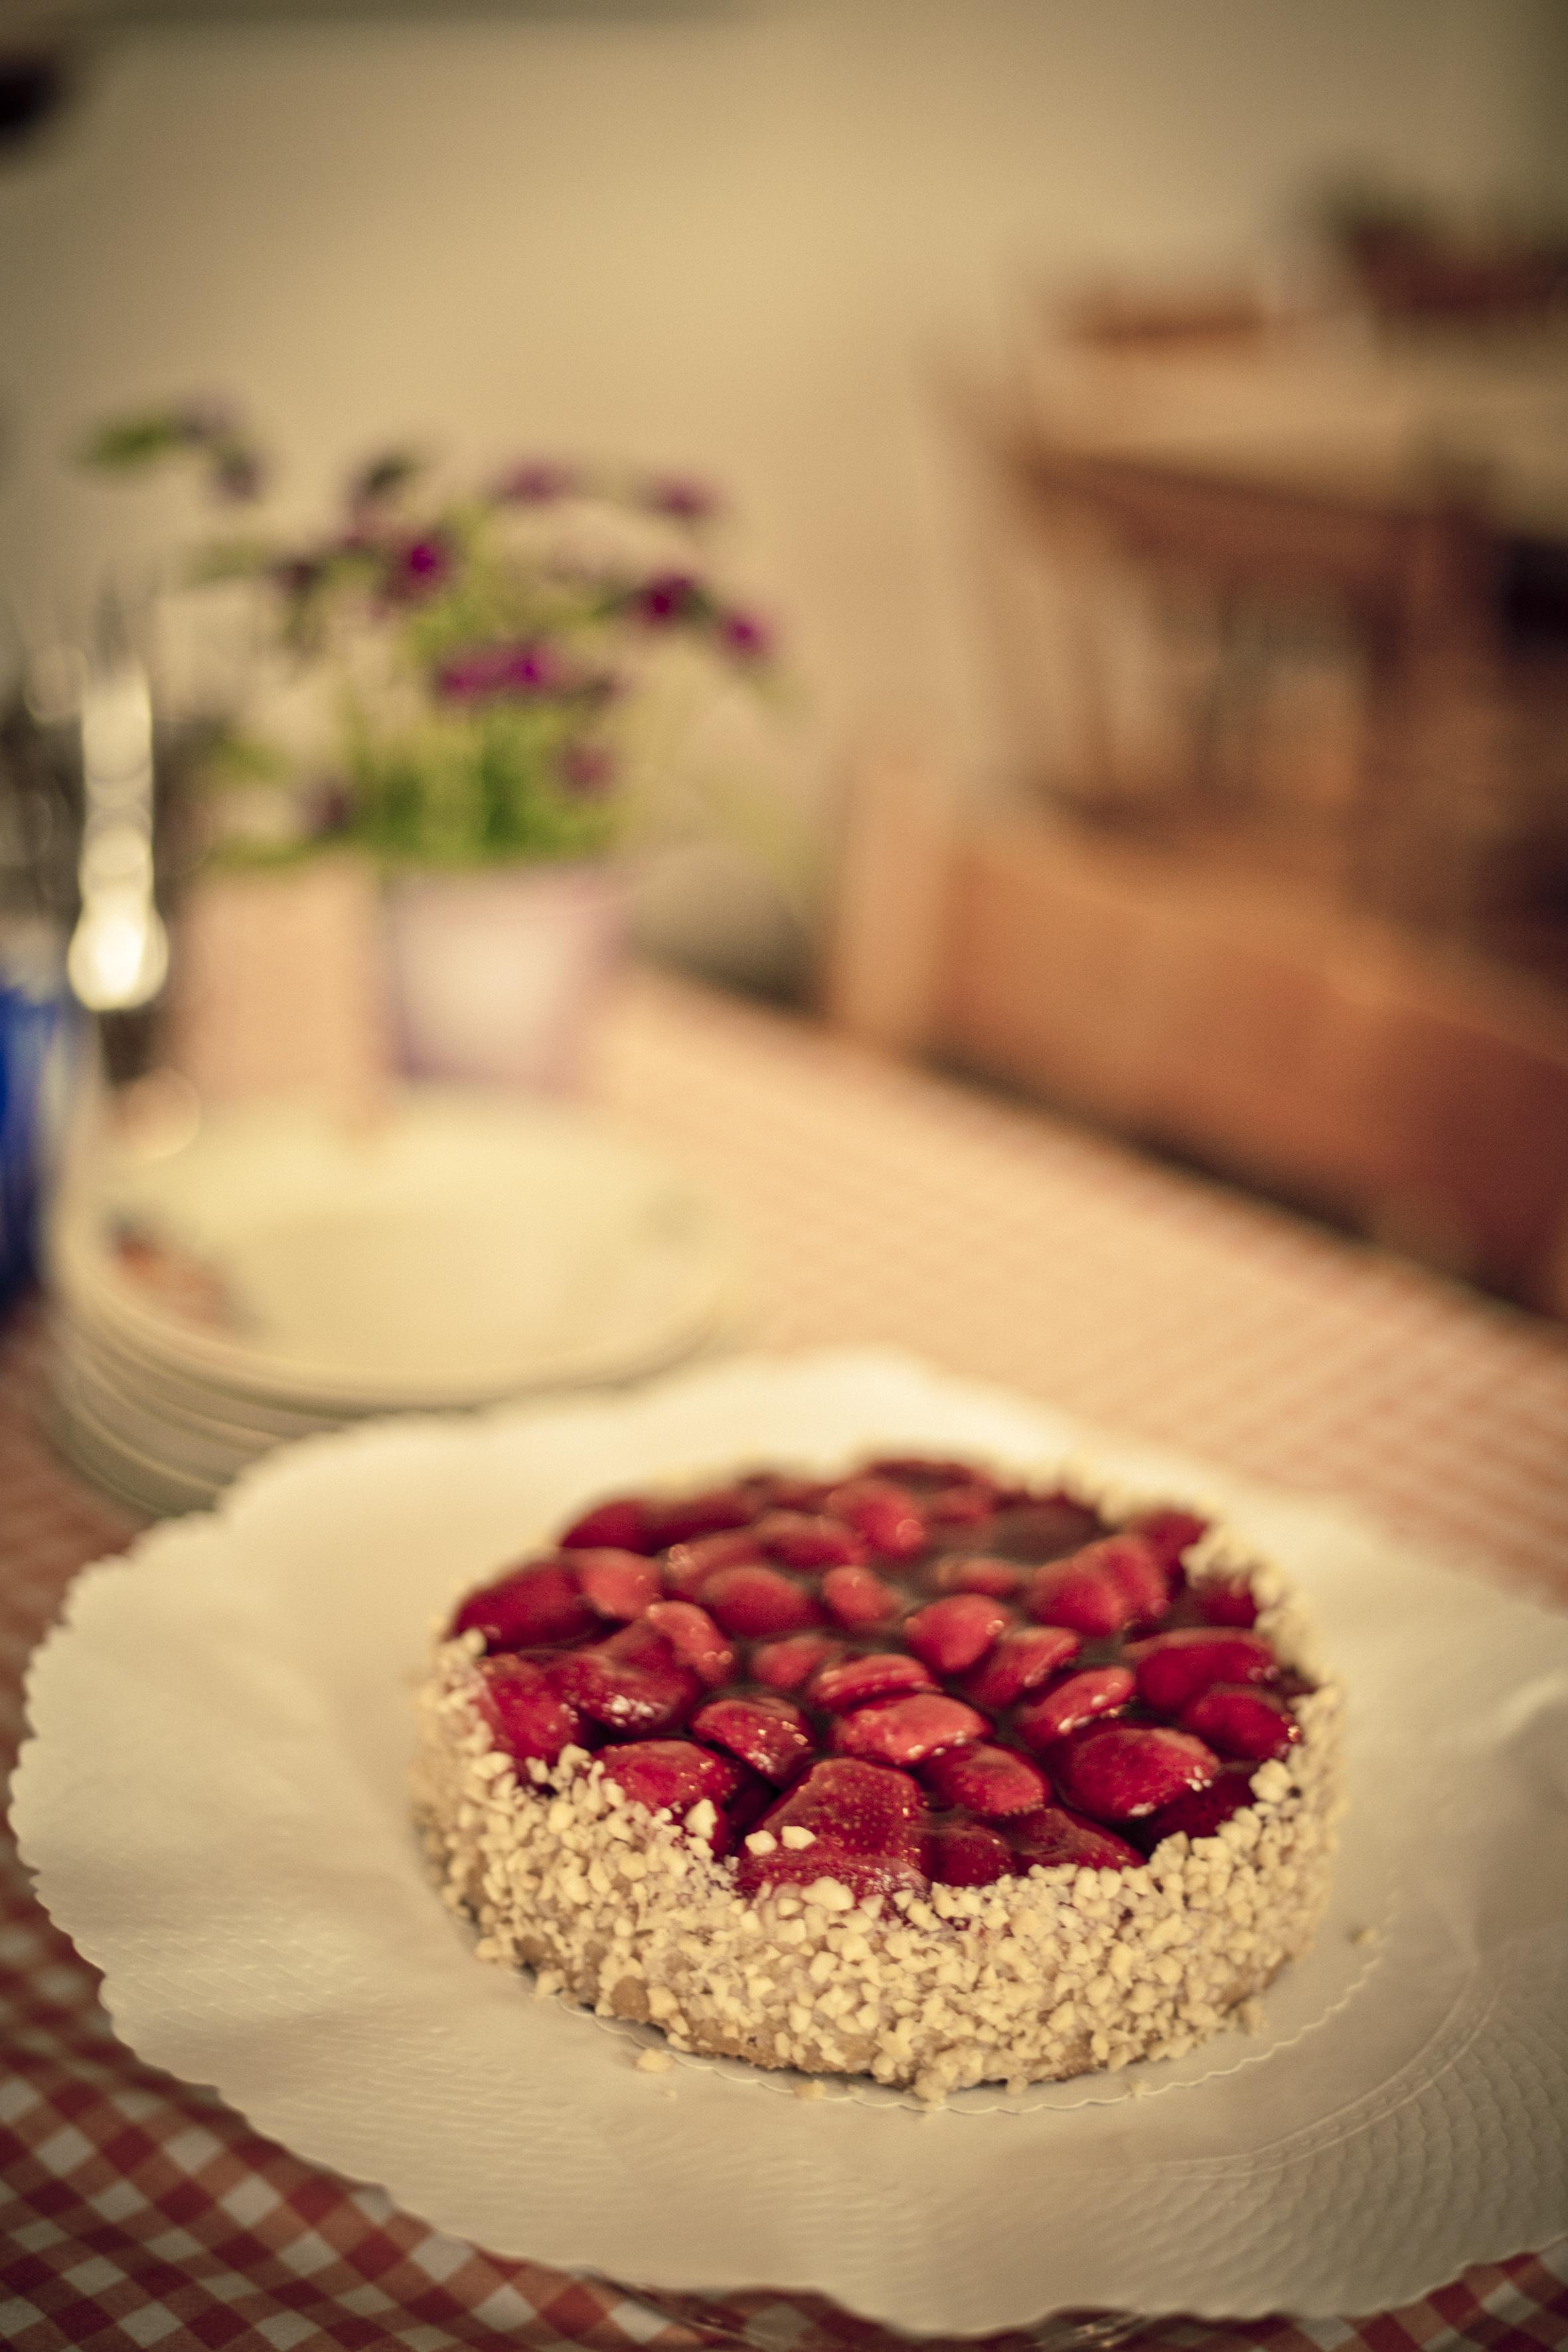 Goldmarie cheesecake